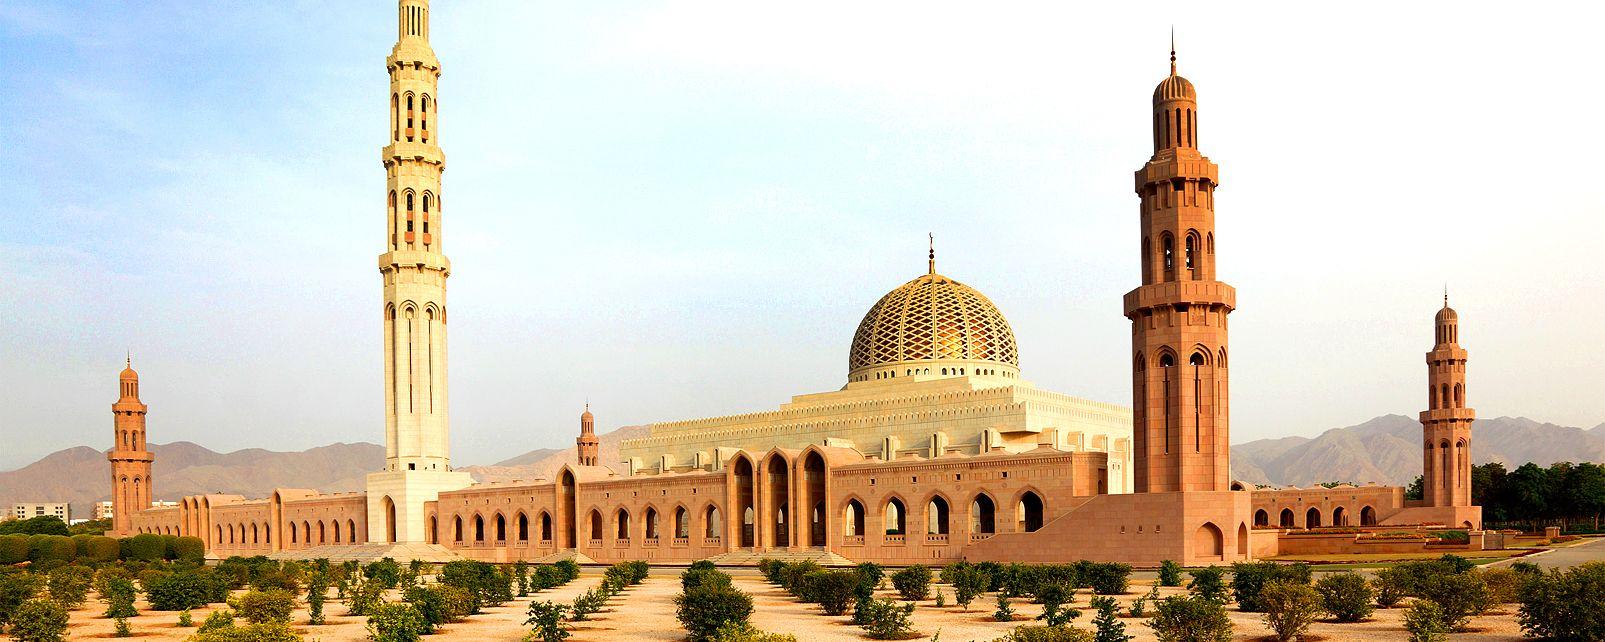 La grande mosquée Sultan Qaboos , Sultanat d'Oman